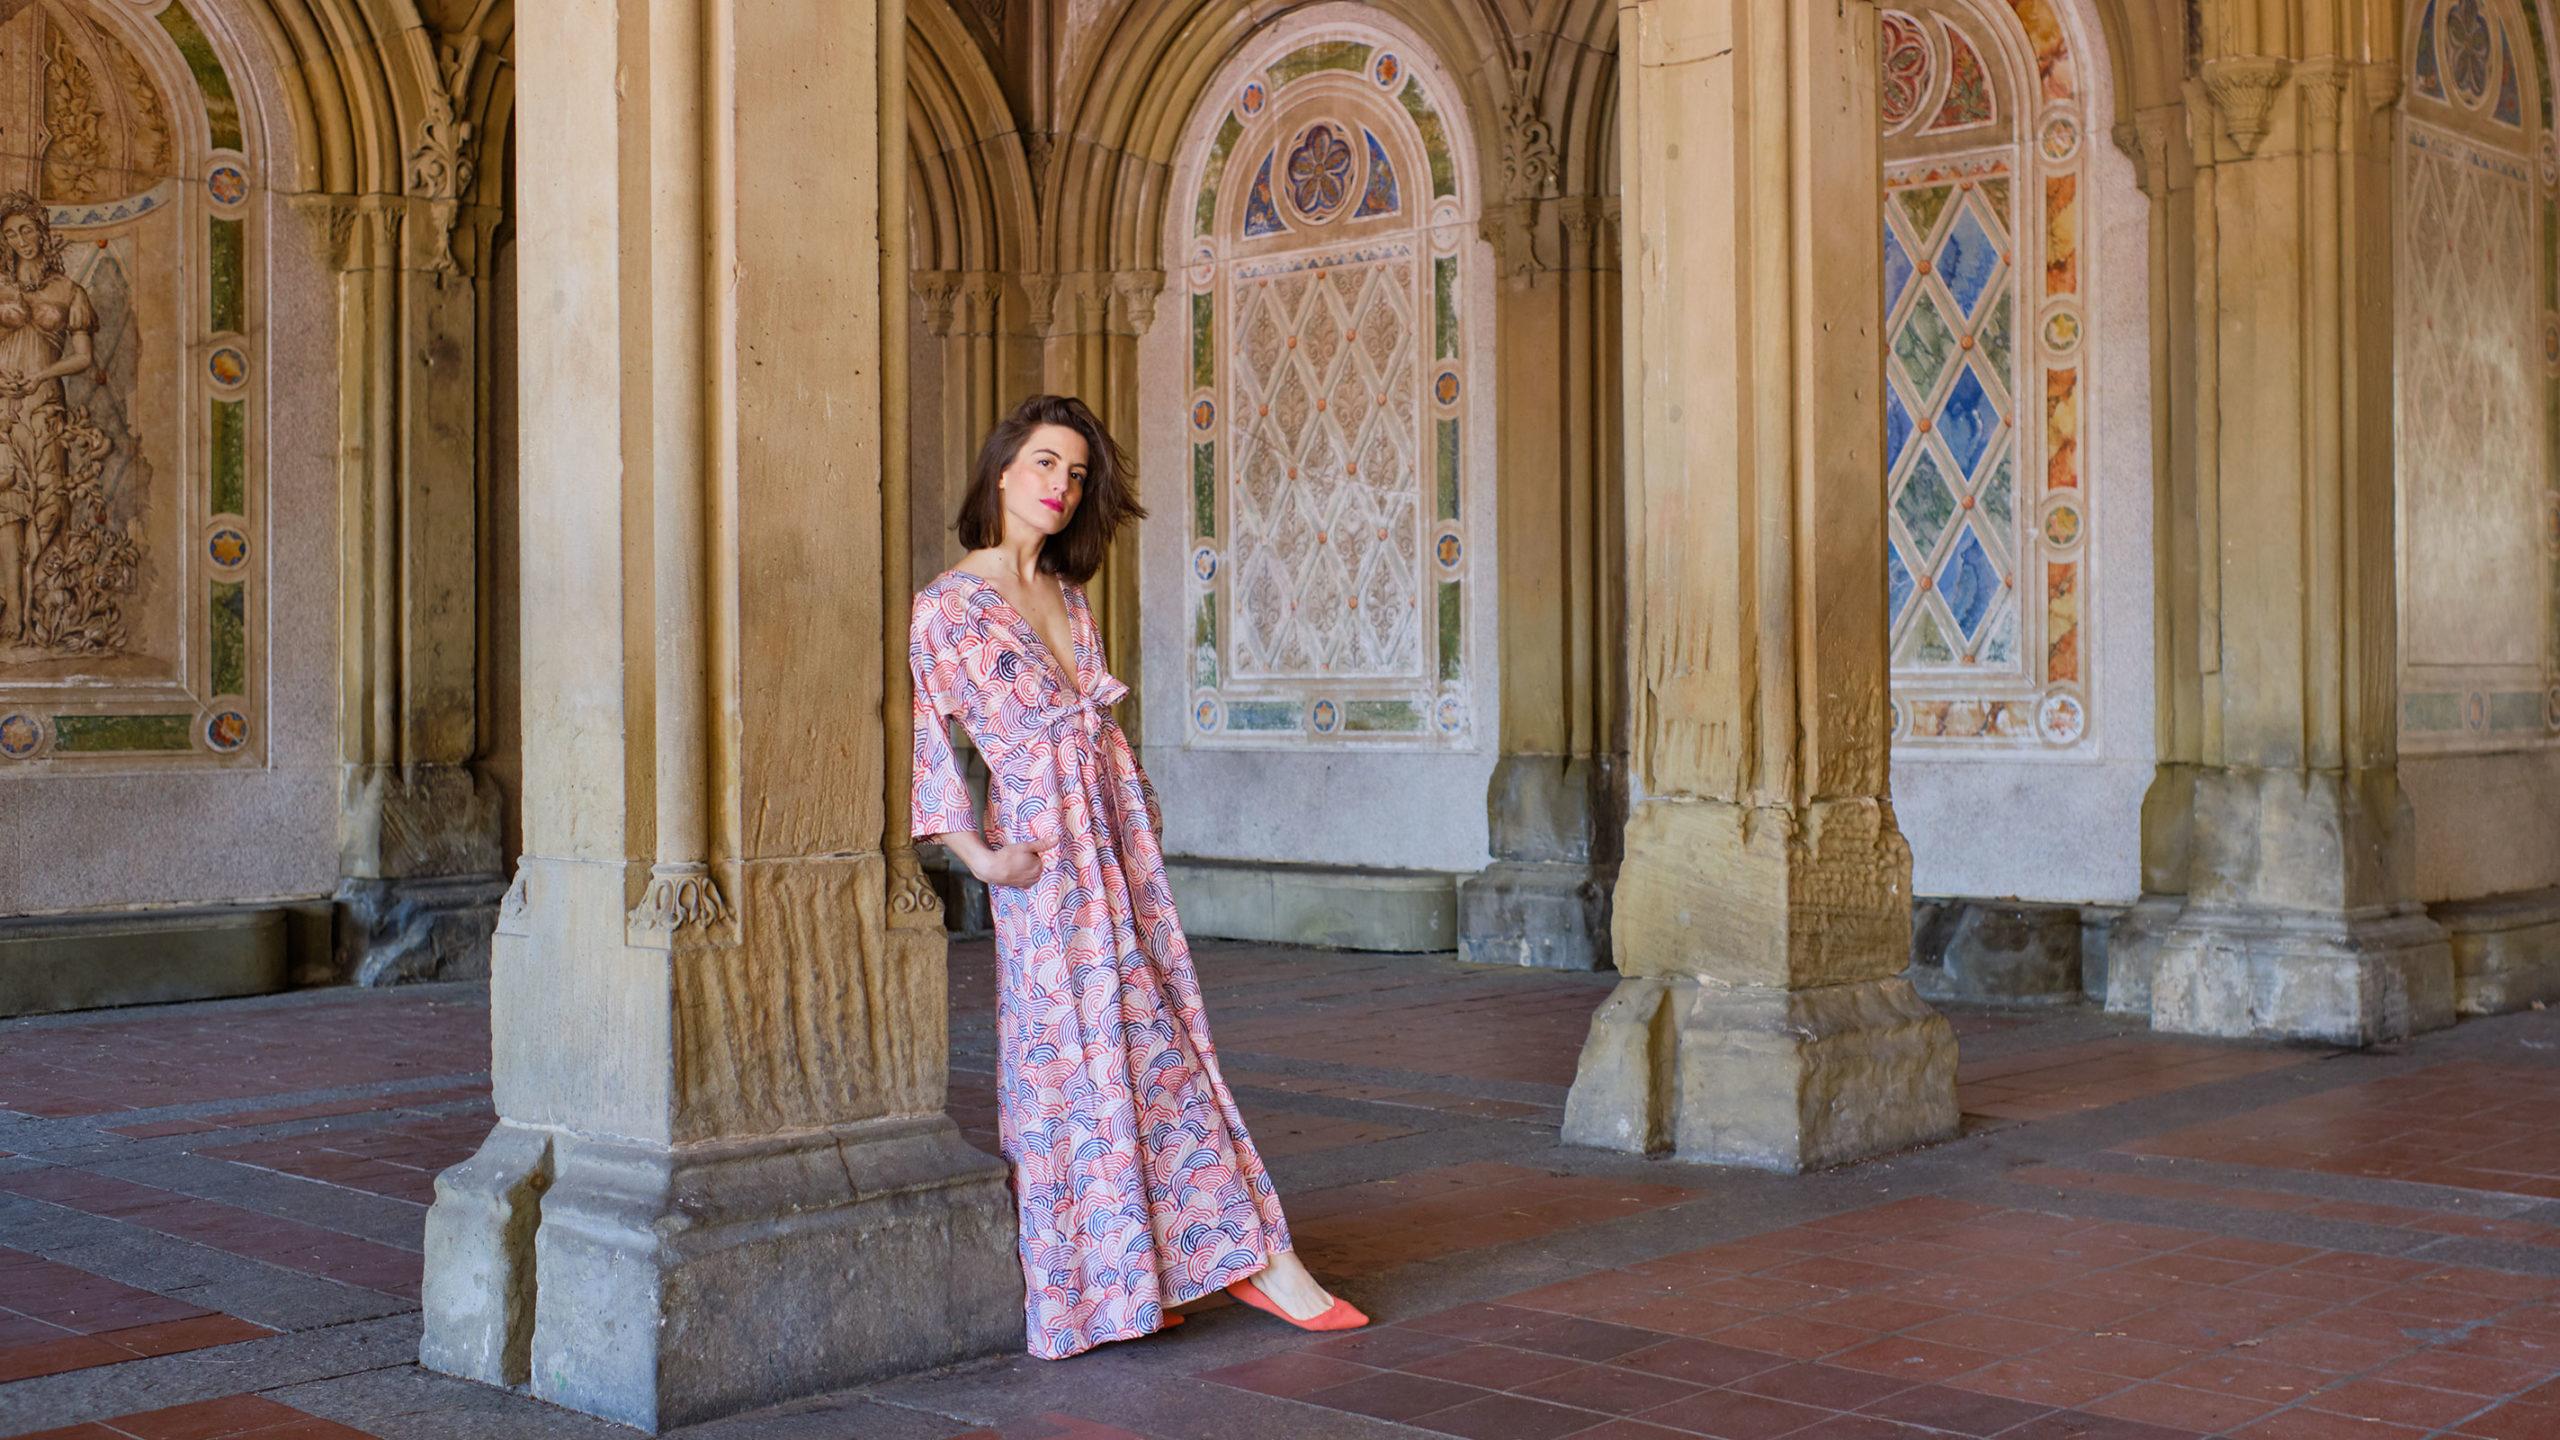 Brand moda sostenibile Carotilla